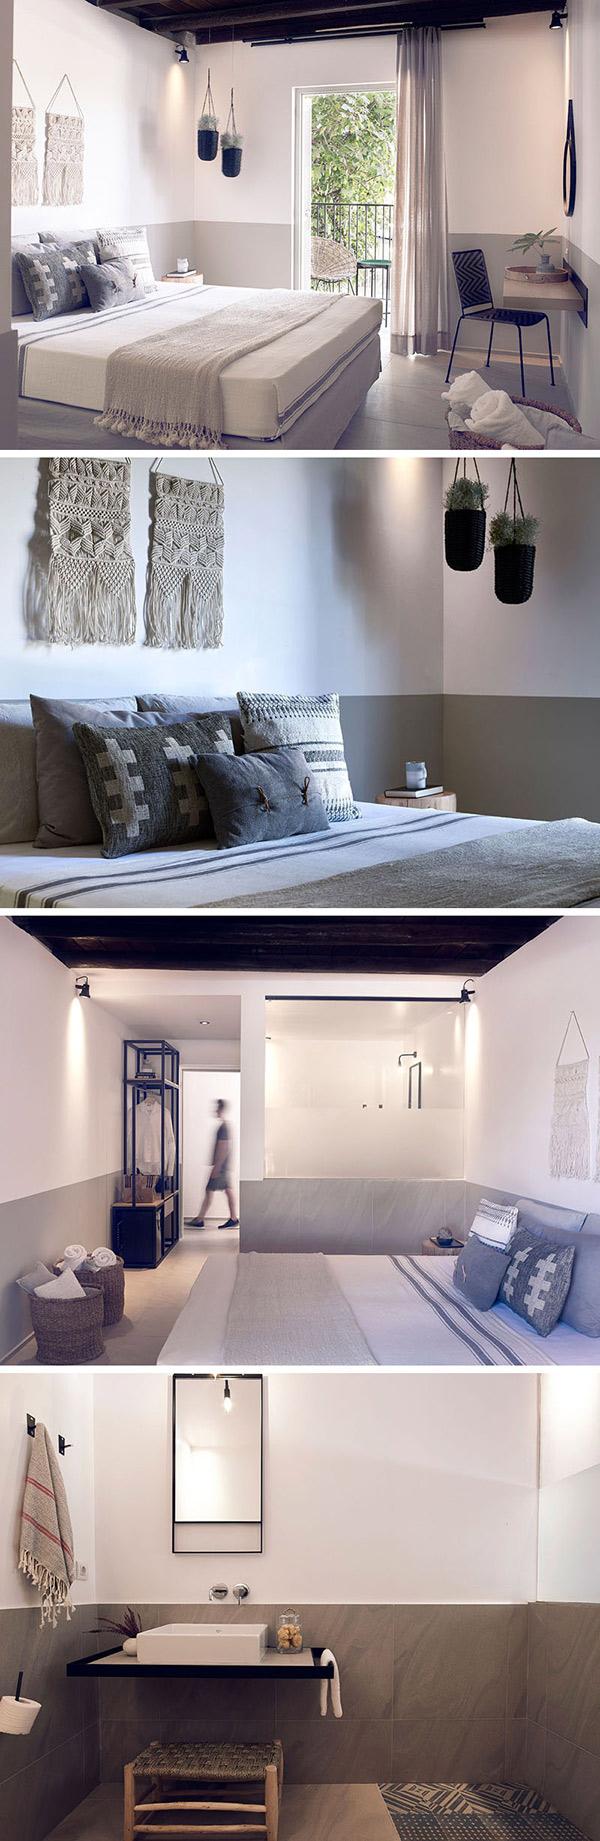 تقابل دو سبک روستیک و معاصر در طراحی داخلی این هتل